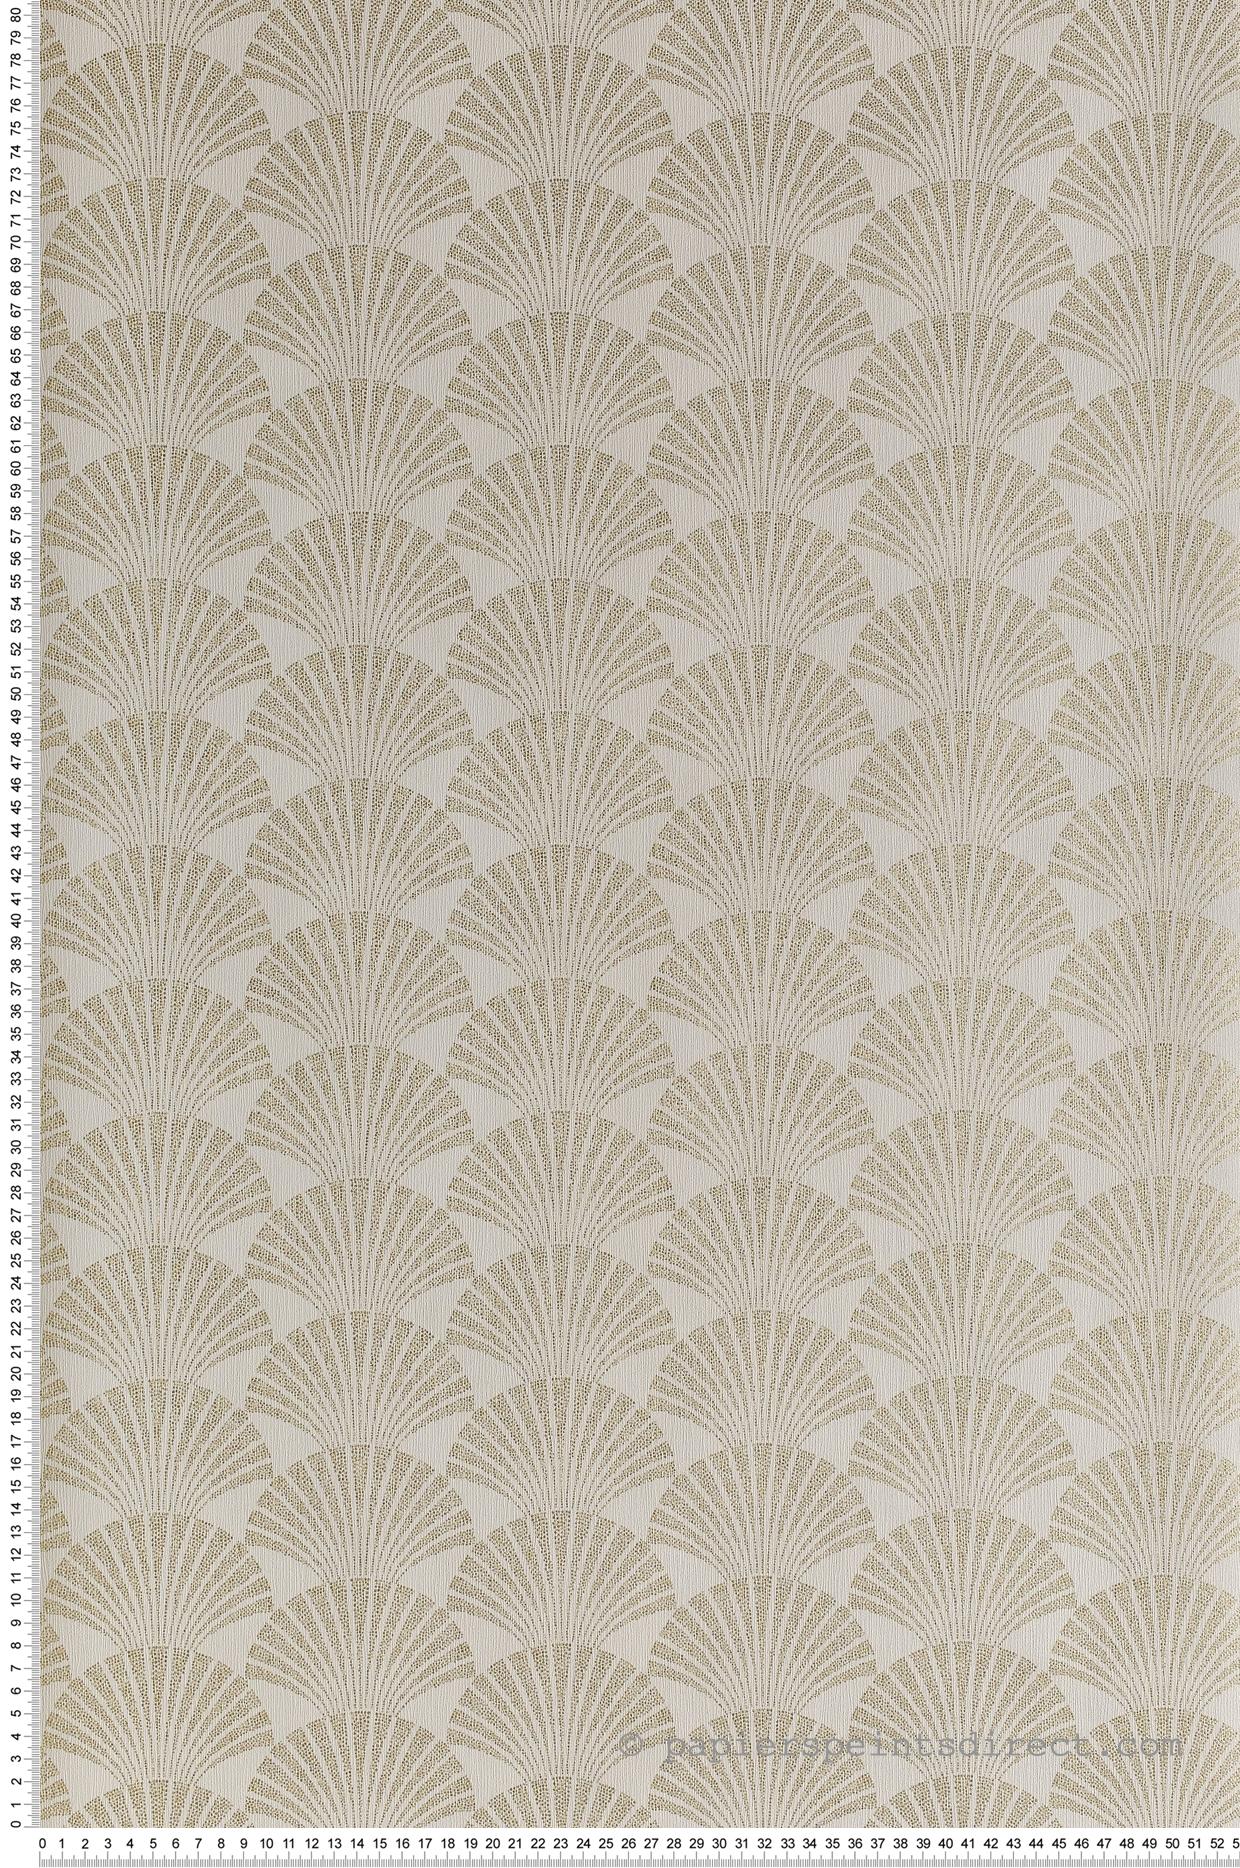 Papier Peint Art Deco Blanc papier peint art déco palm pearl blanc/or - scarlett de casélio